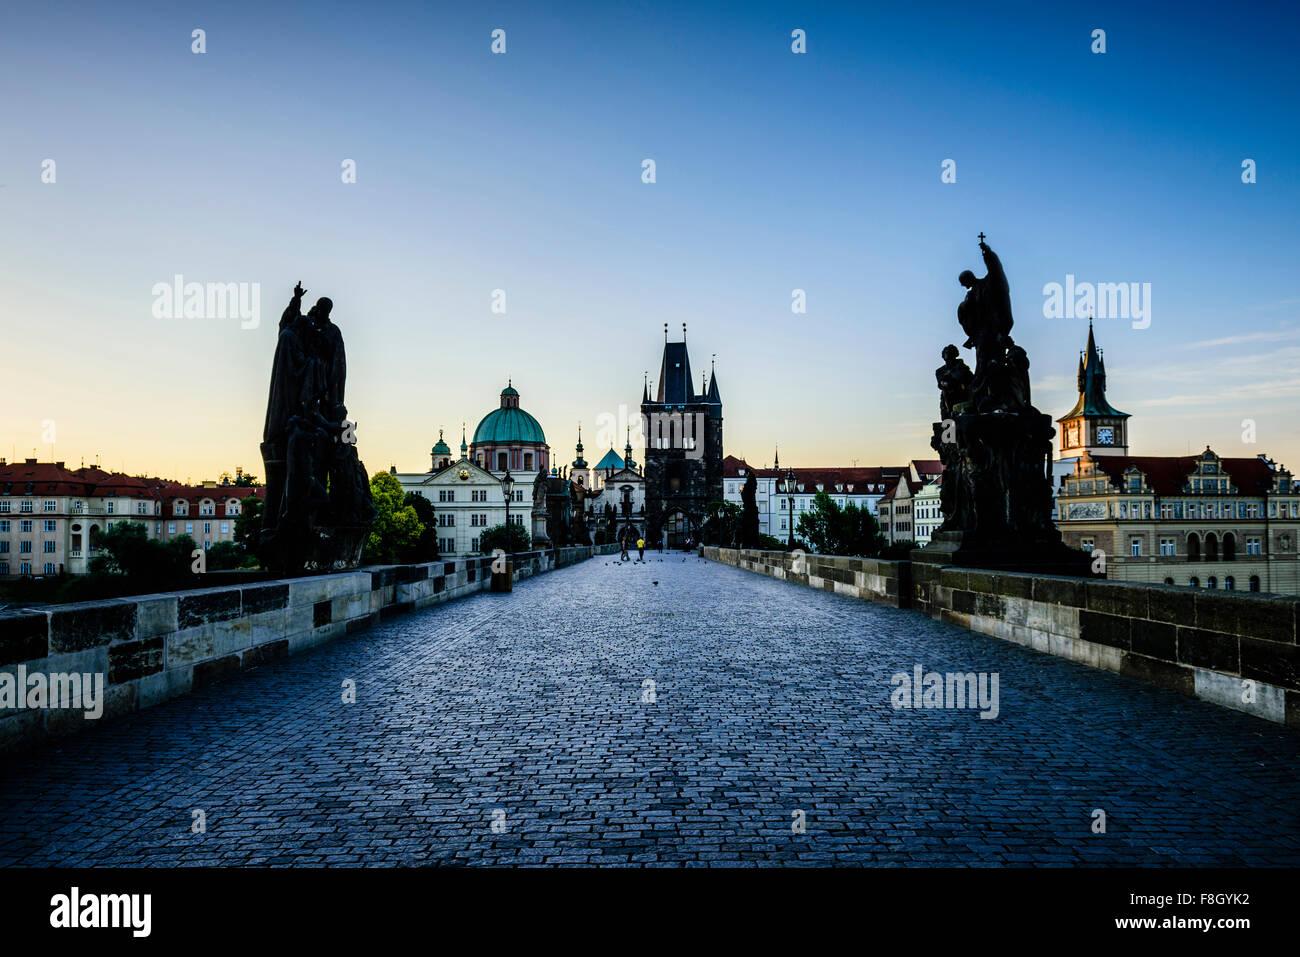 Blauer Himmel über Prager Straße, Tschechische Republik Stockbild